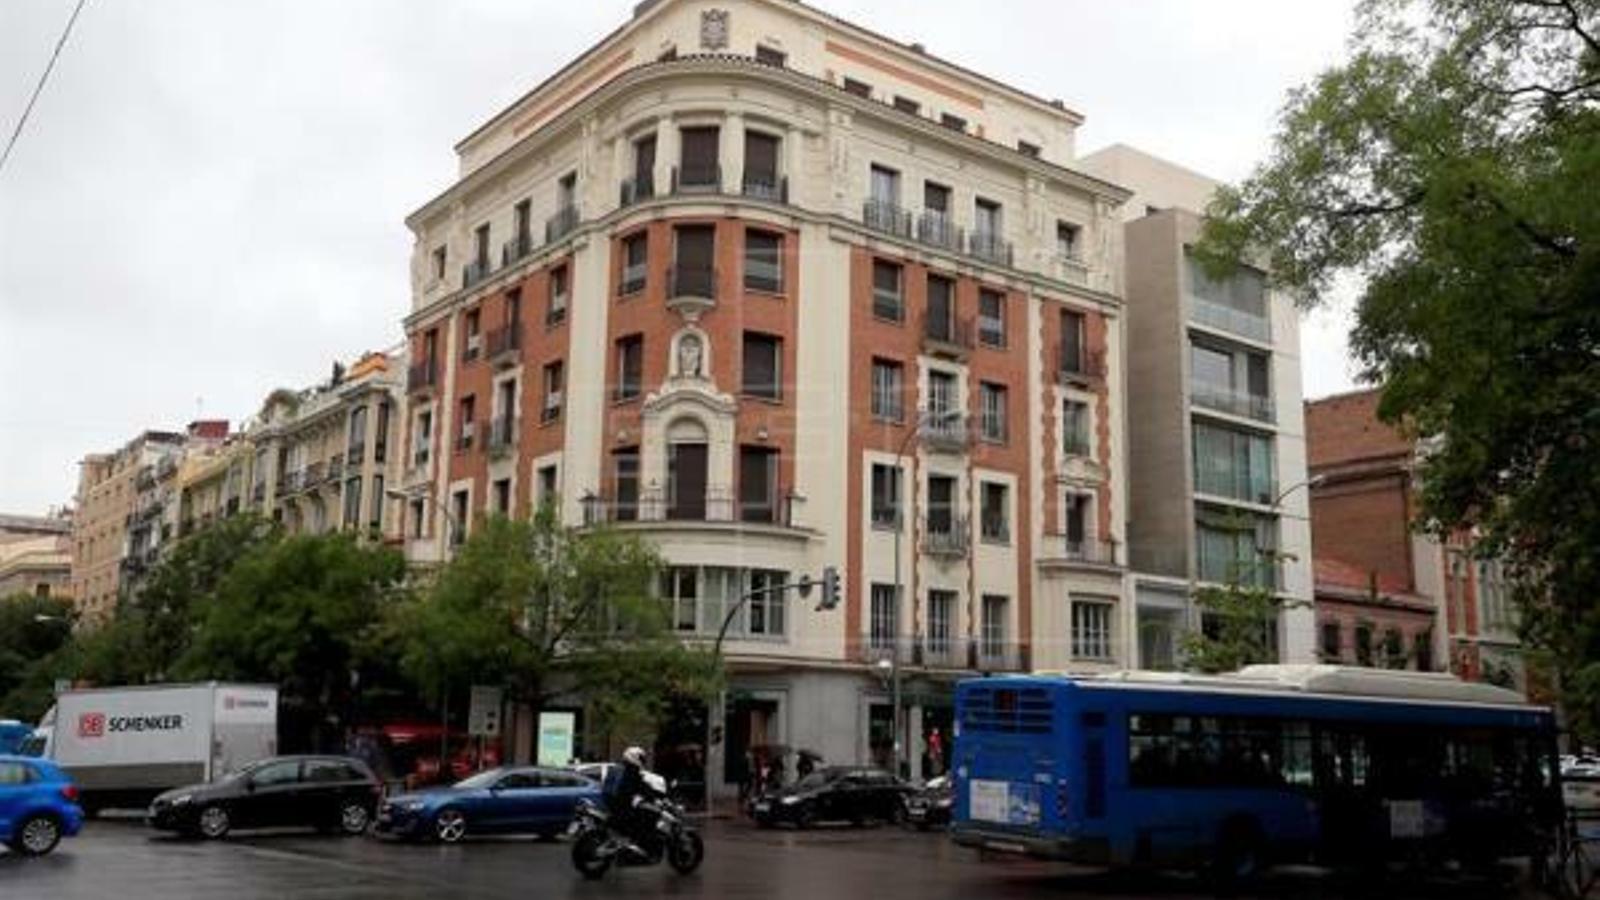 Edifici del carrer Goya, a Madrid, on es troba un dels pisos propietat de ciutadans veneçolans que blanquejaven centenars de milions d'euros obtinguts de suborns quan ostentaven càrrecs en empreses públiques sota la presidència d'Hugo Chávez. EFE / Arxiu